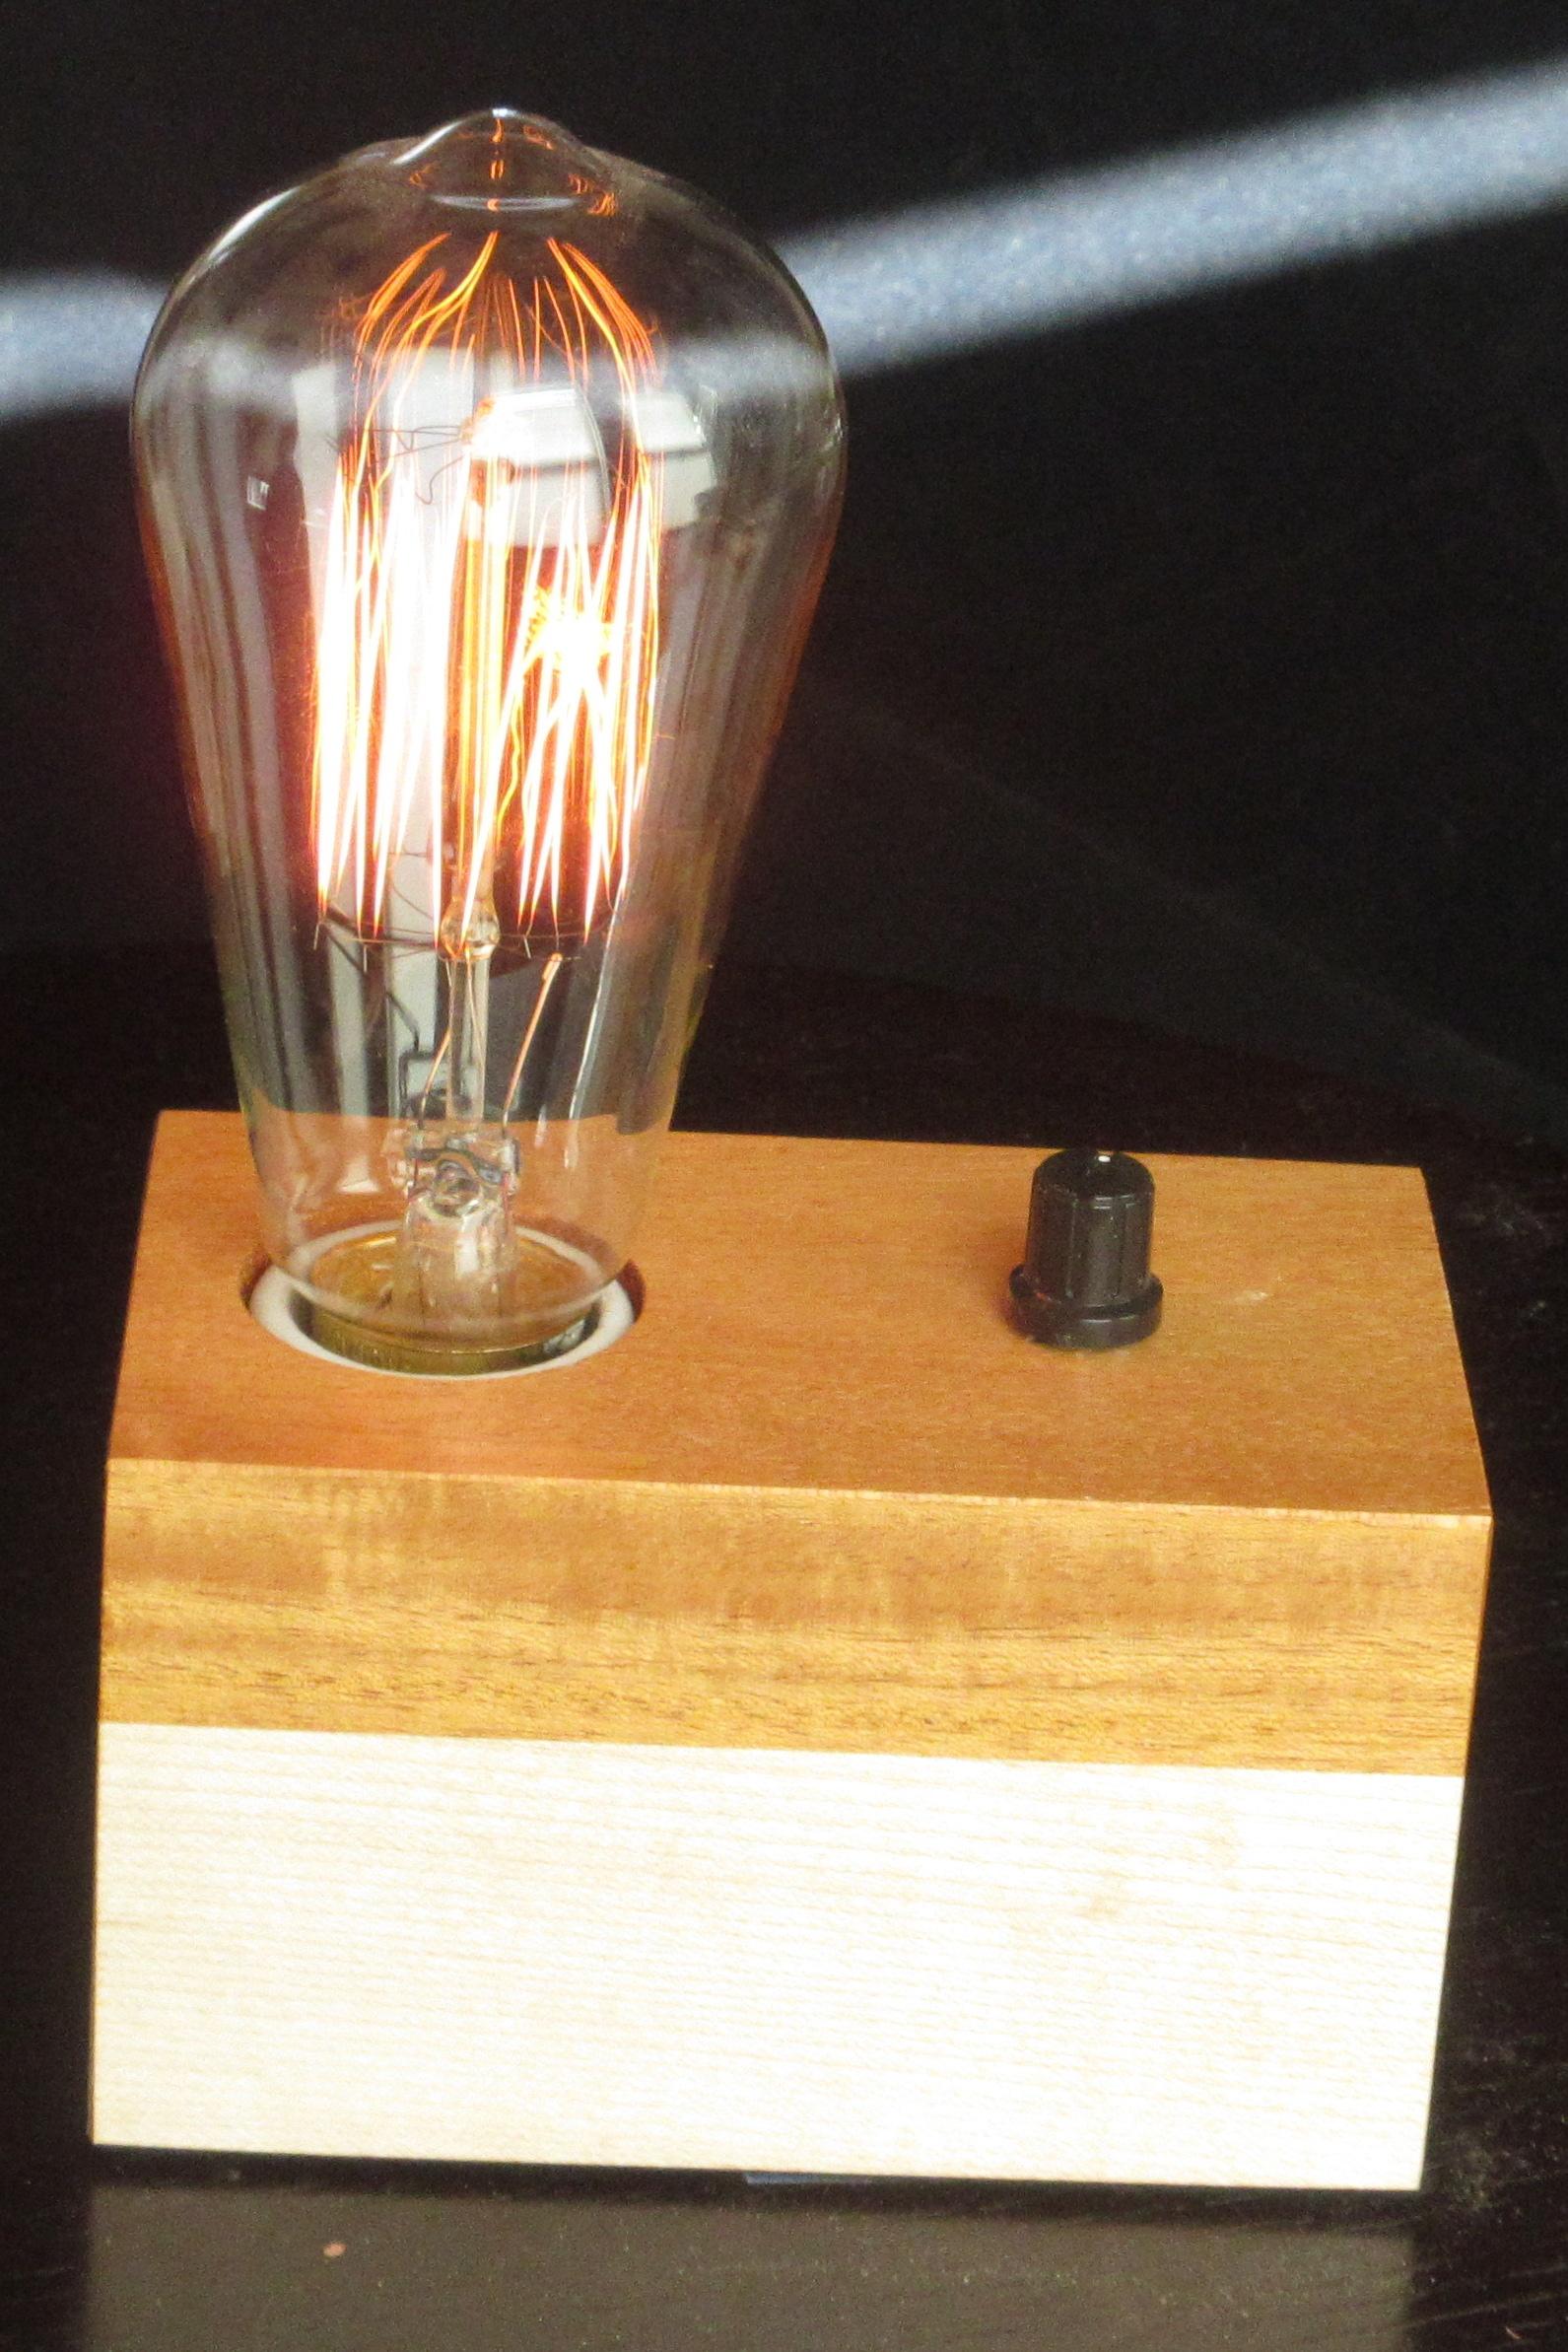 Mahogany and Maple - 1 lamp